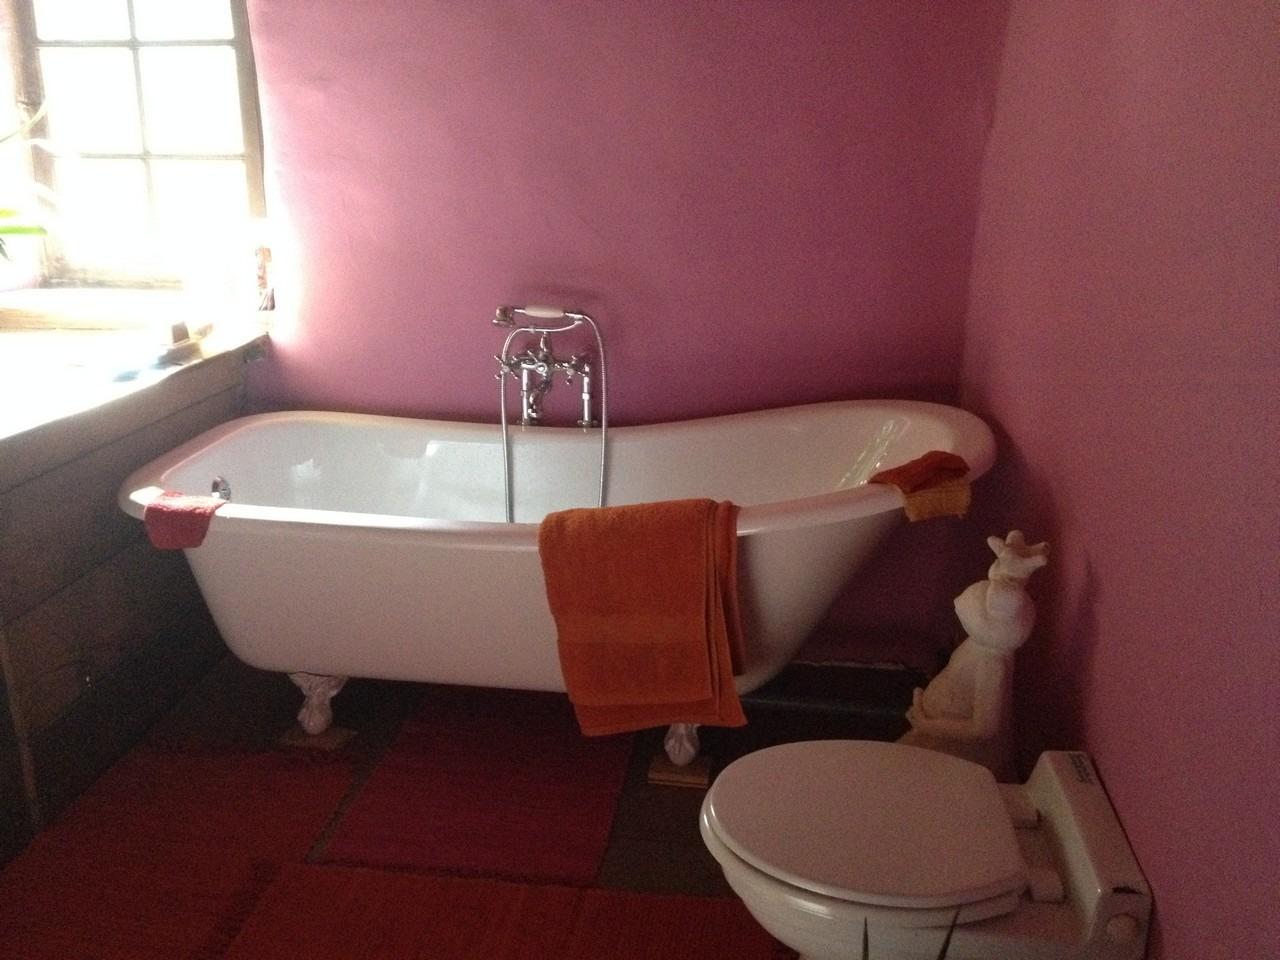 richard installation salle de bain en creuse guéret aubusson bonnat - Galerie Chauffage / Plomberie